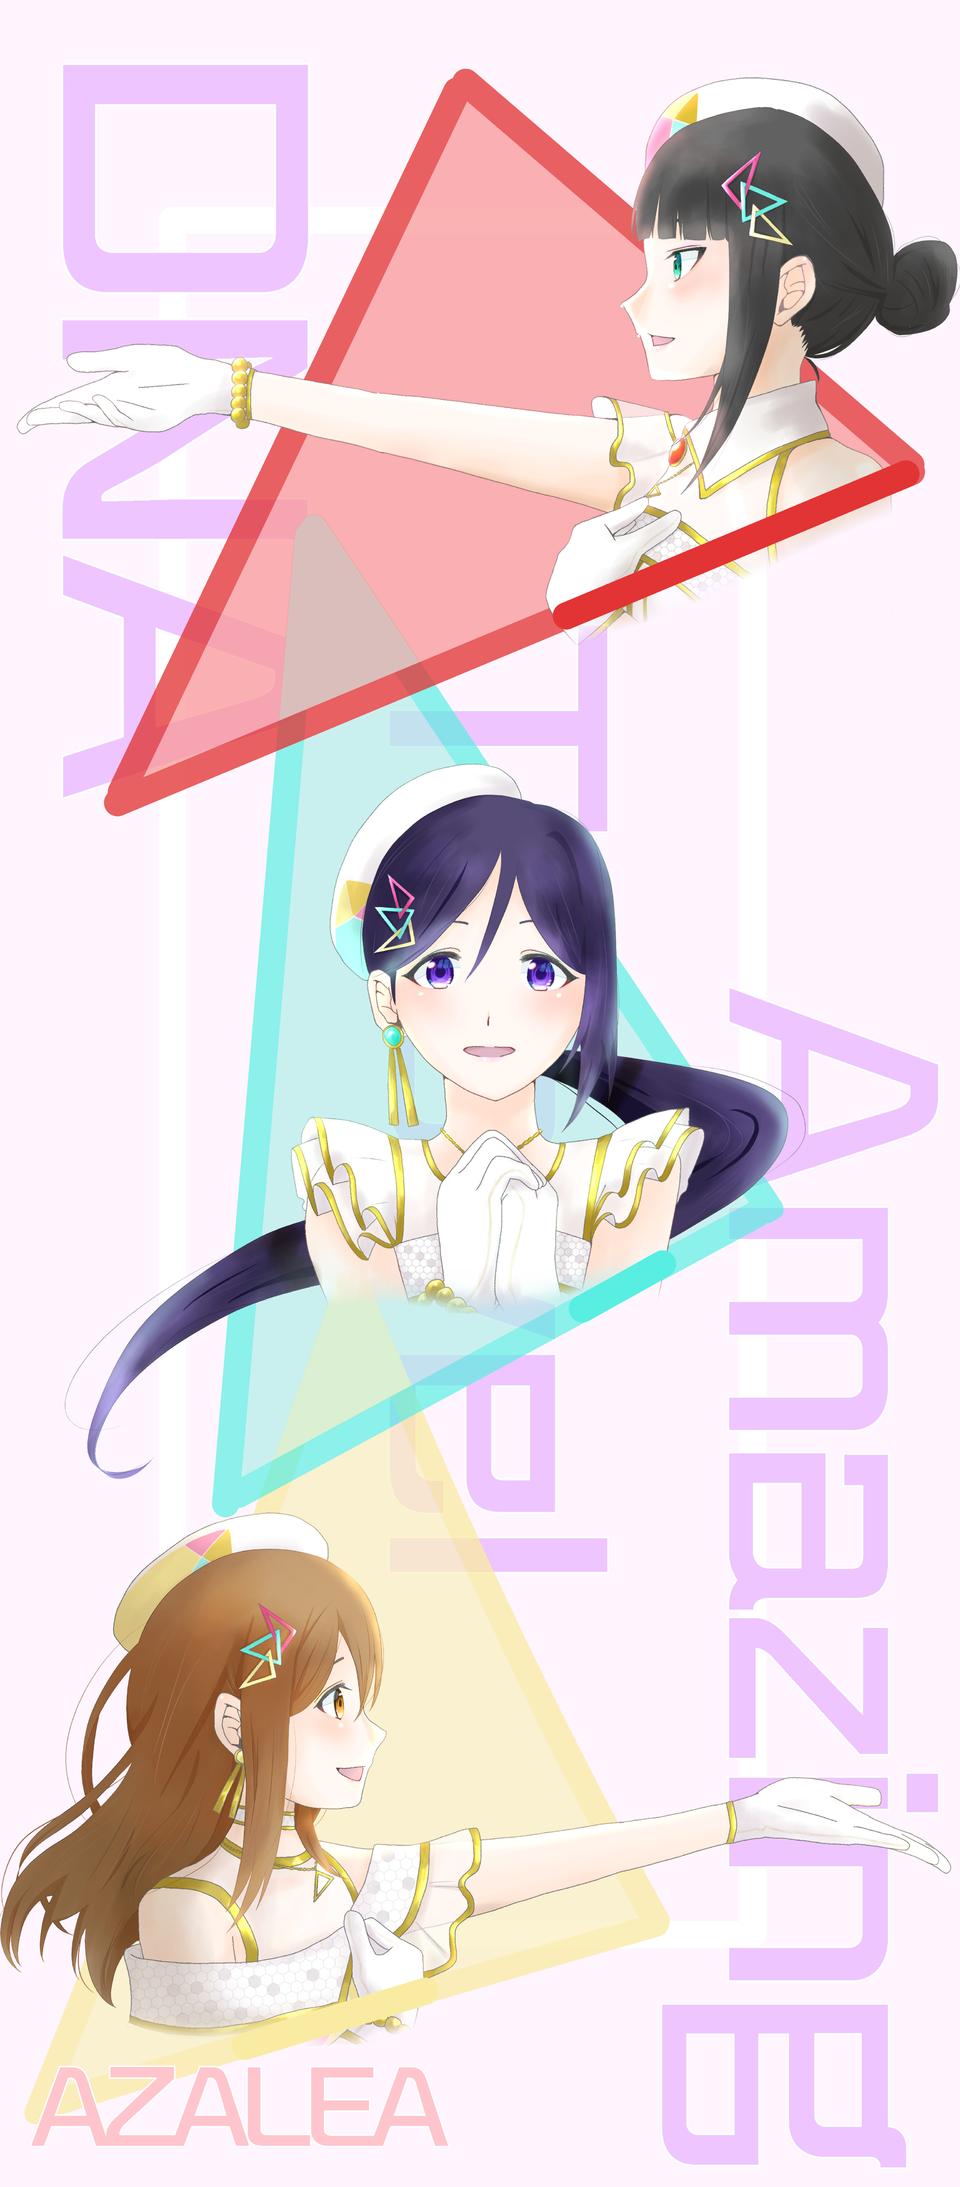 AZALEA Illust of 壱 国木田花丸 Love_Live! AZALEA 黒澤ダイヤ LoveLive!Sunshine!! アゼリア 松浦果南